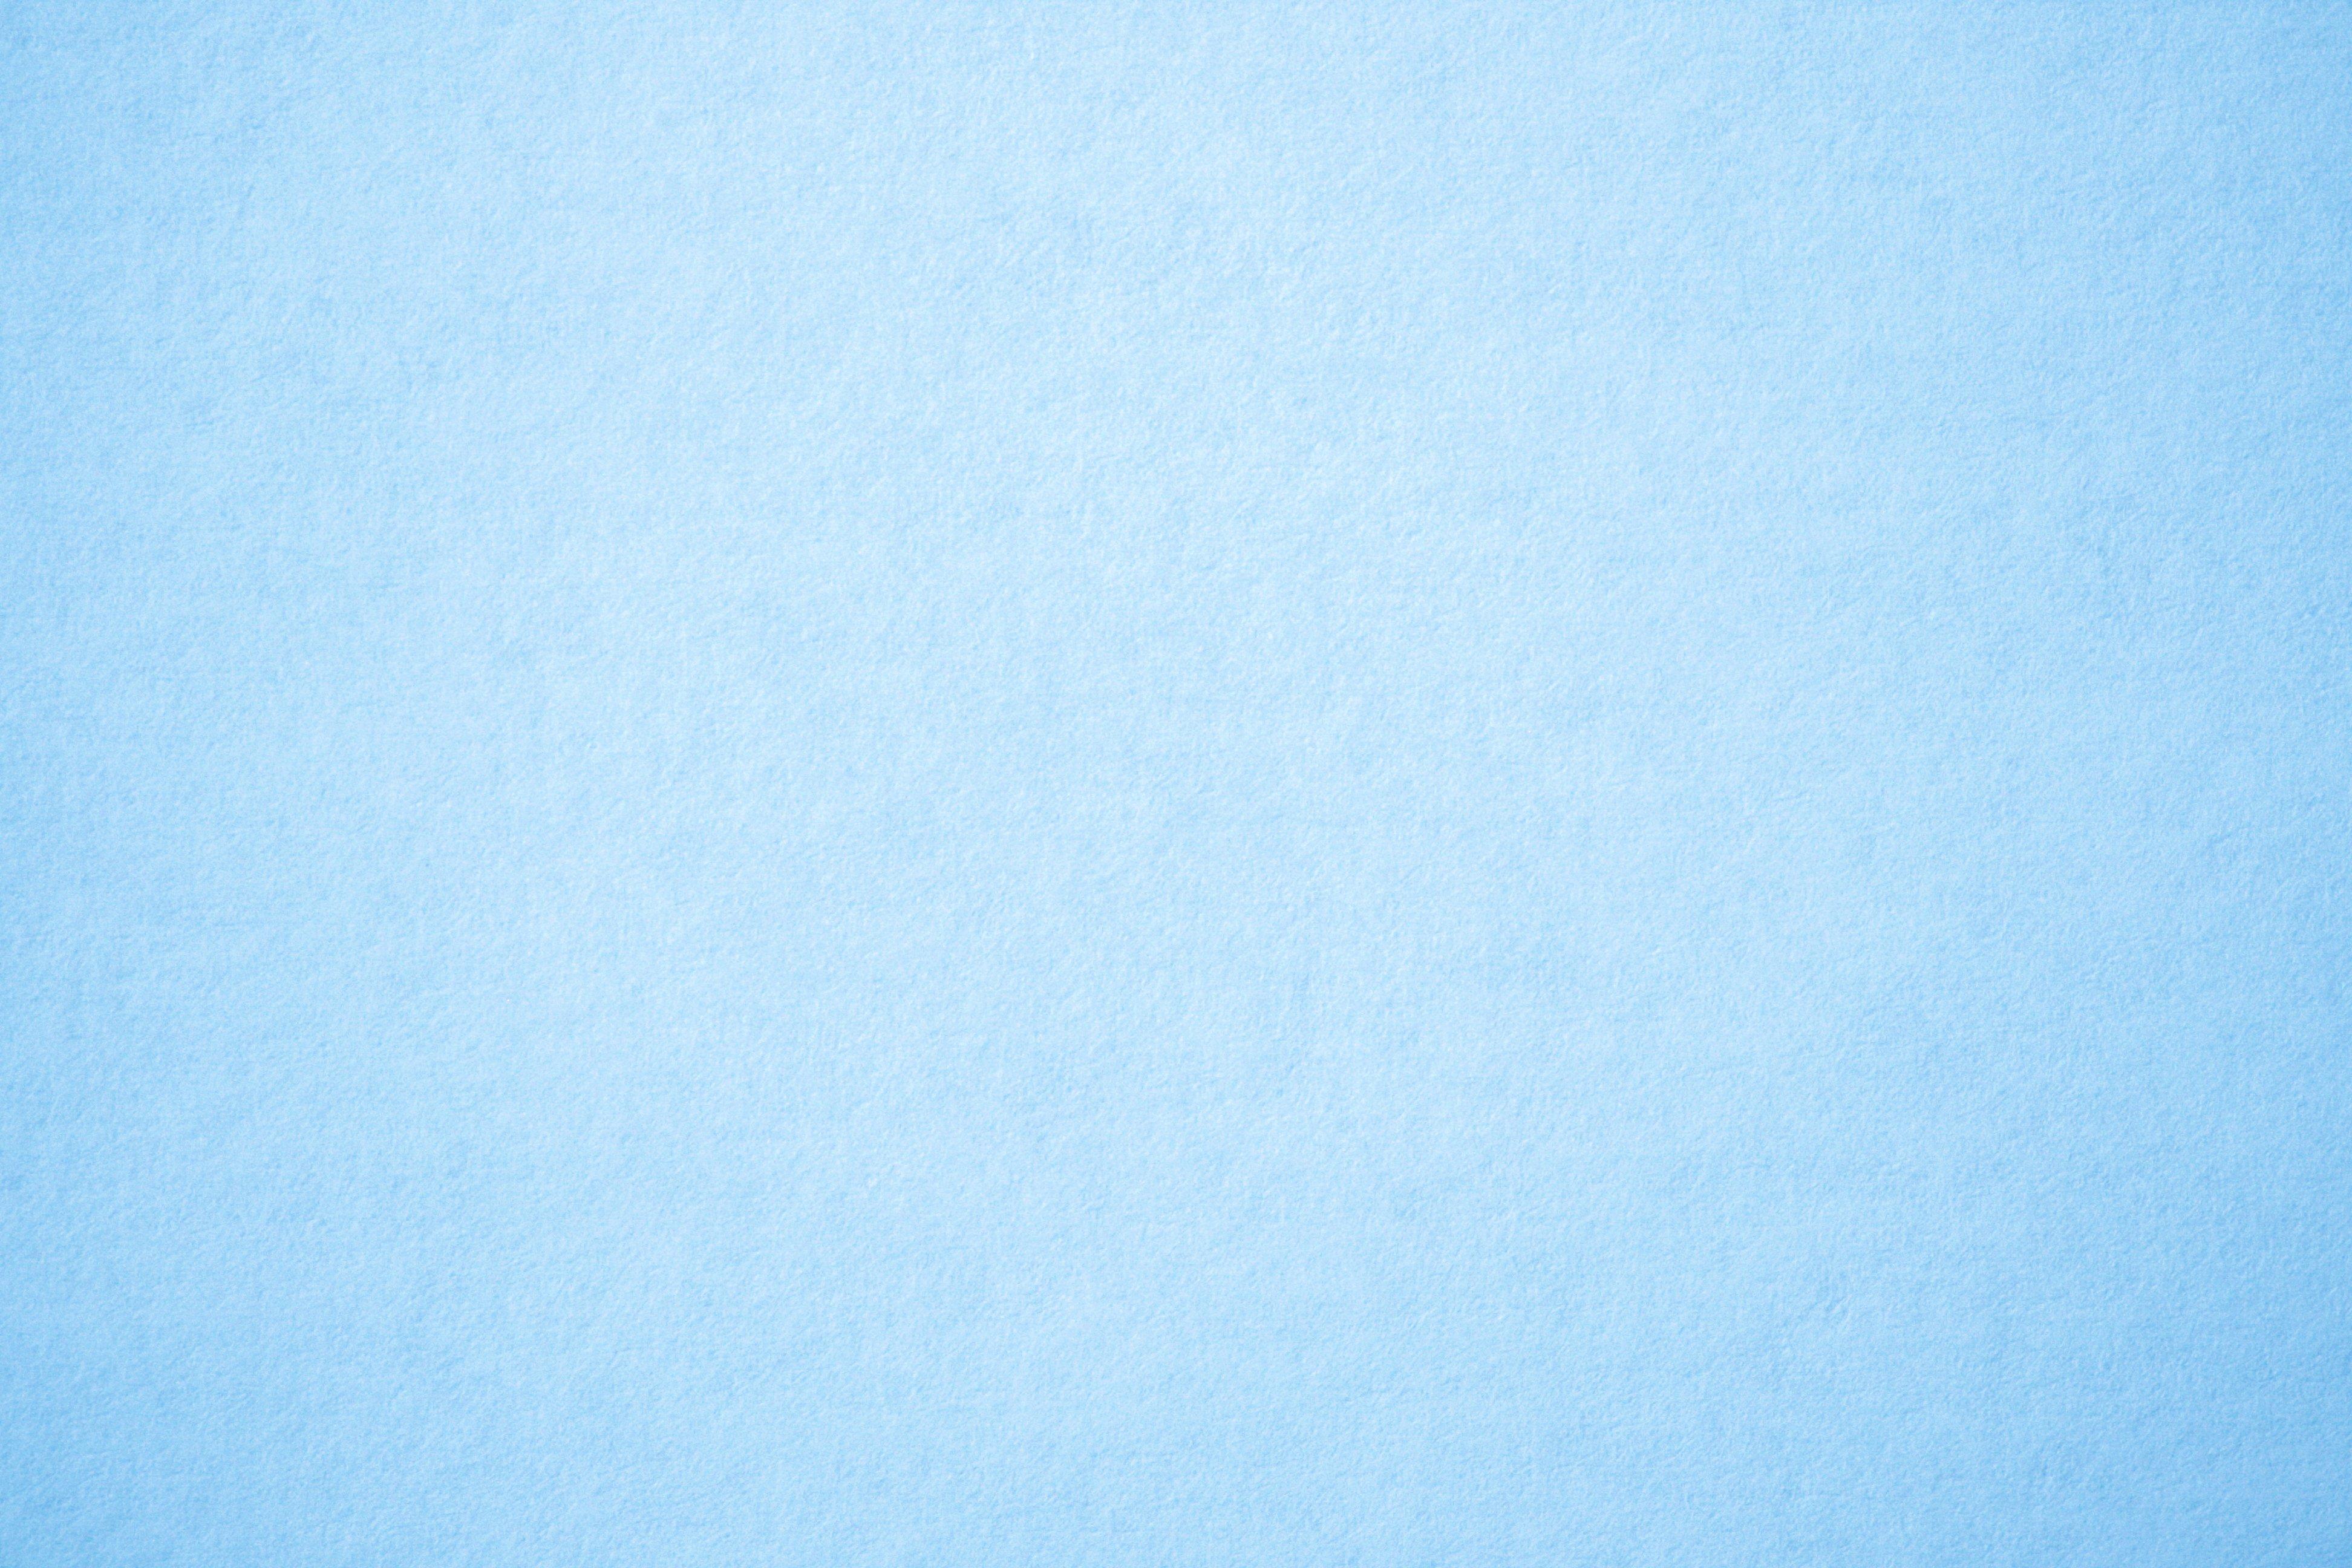 Baby Blue Paper Texture Picture Photograph Photos Public 3888x2592